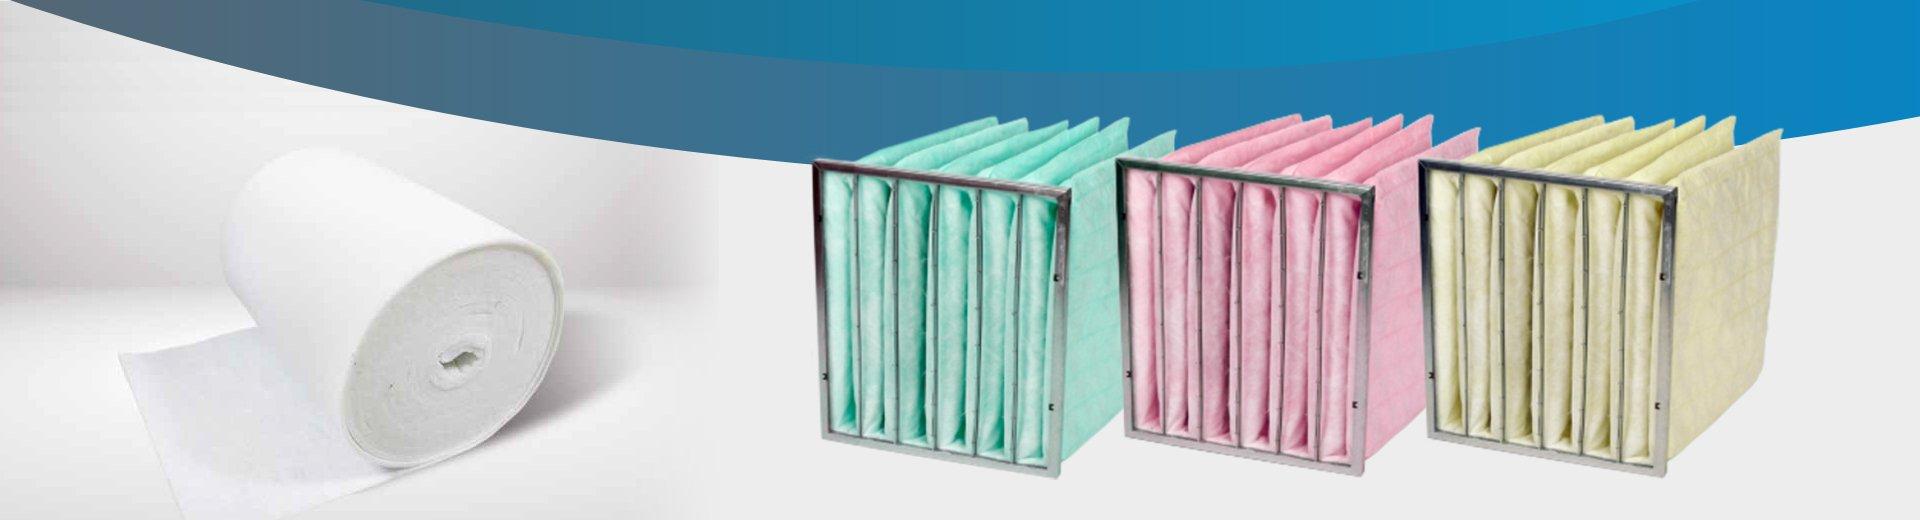 filter supply